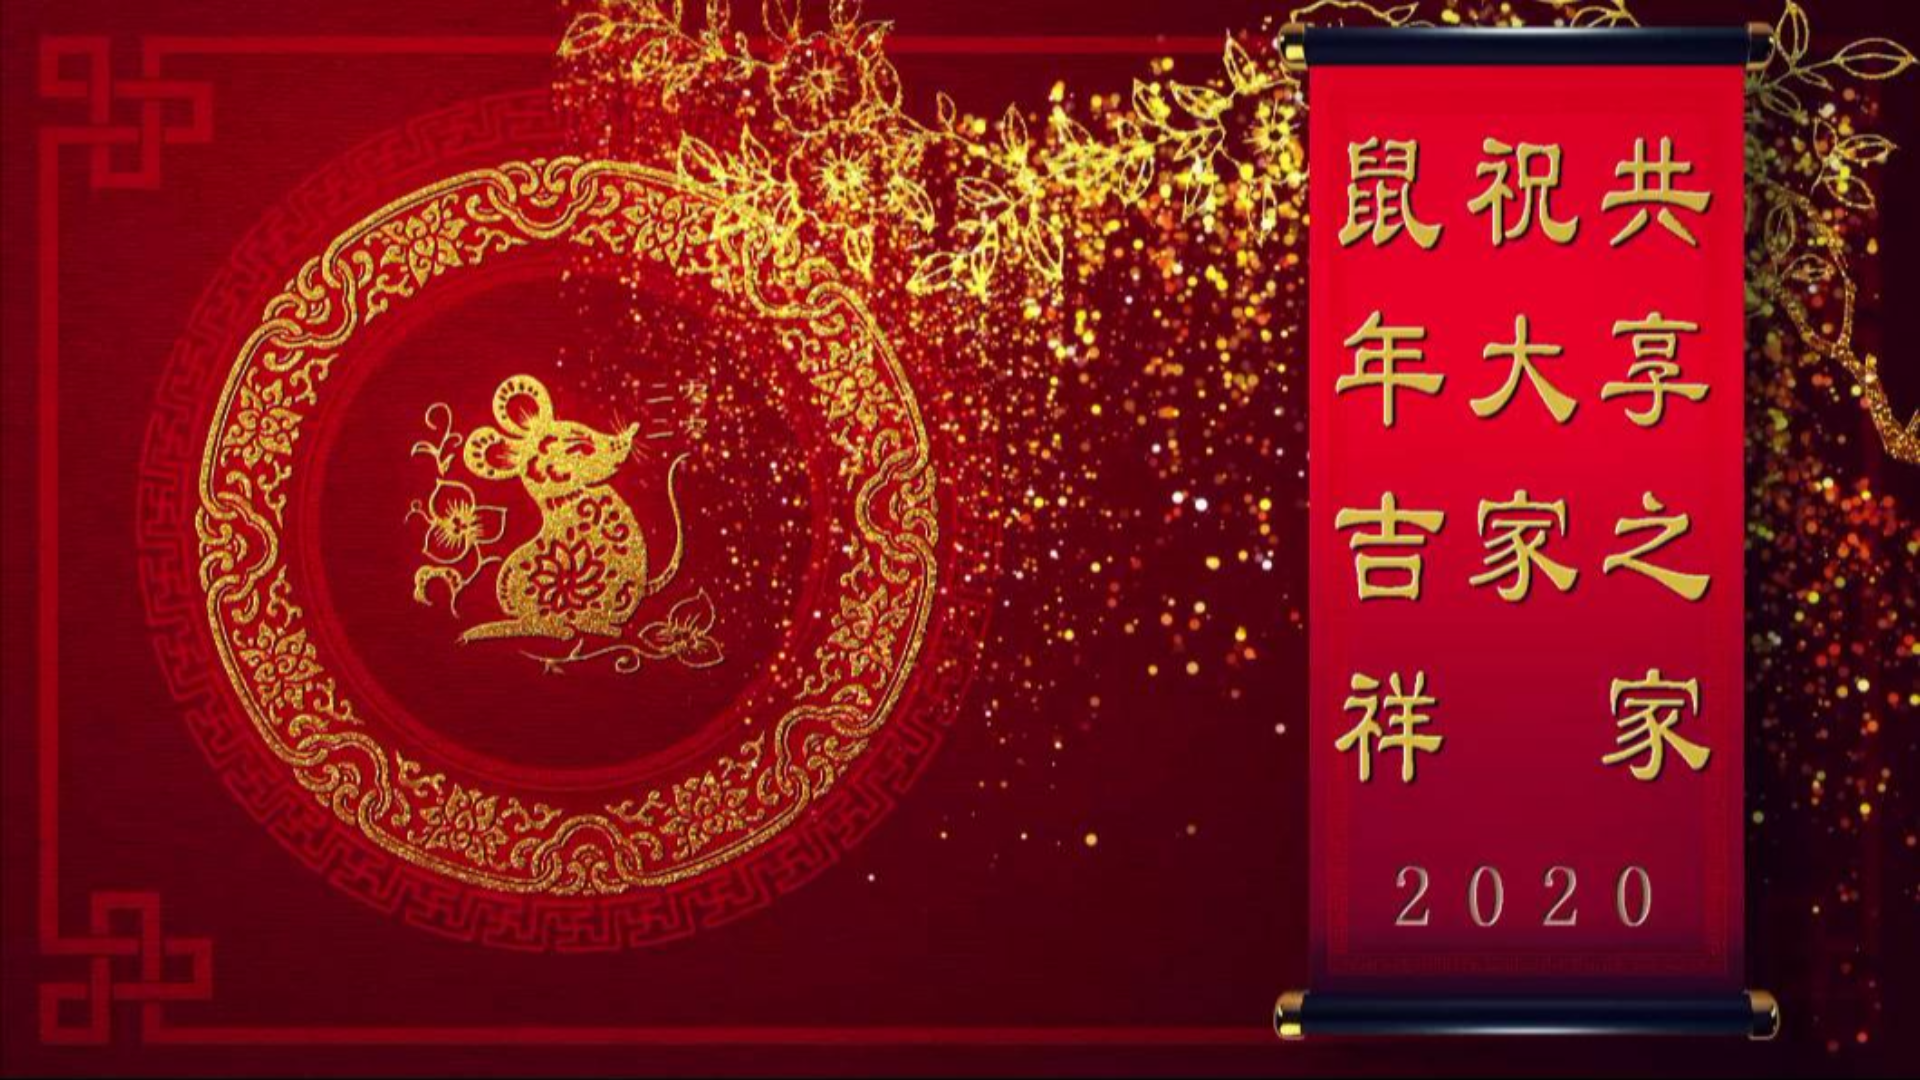 【共享之家】祝大家新春快乐,共享2020!